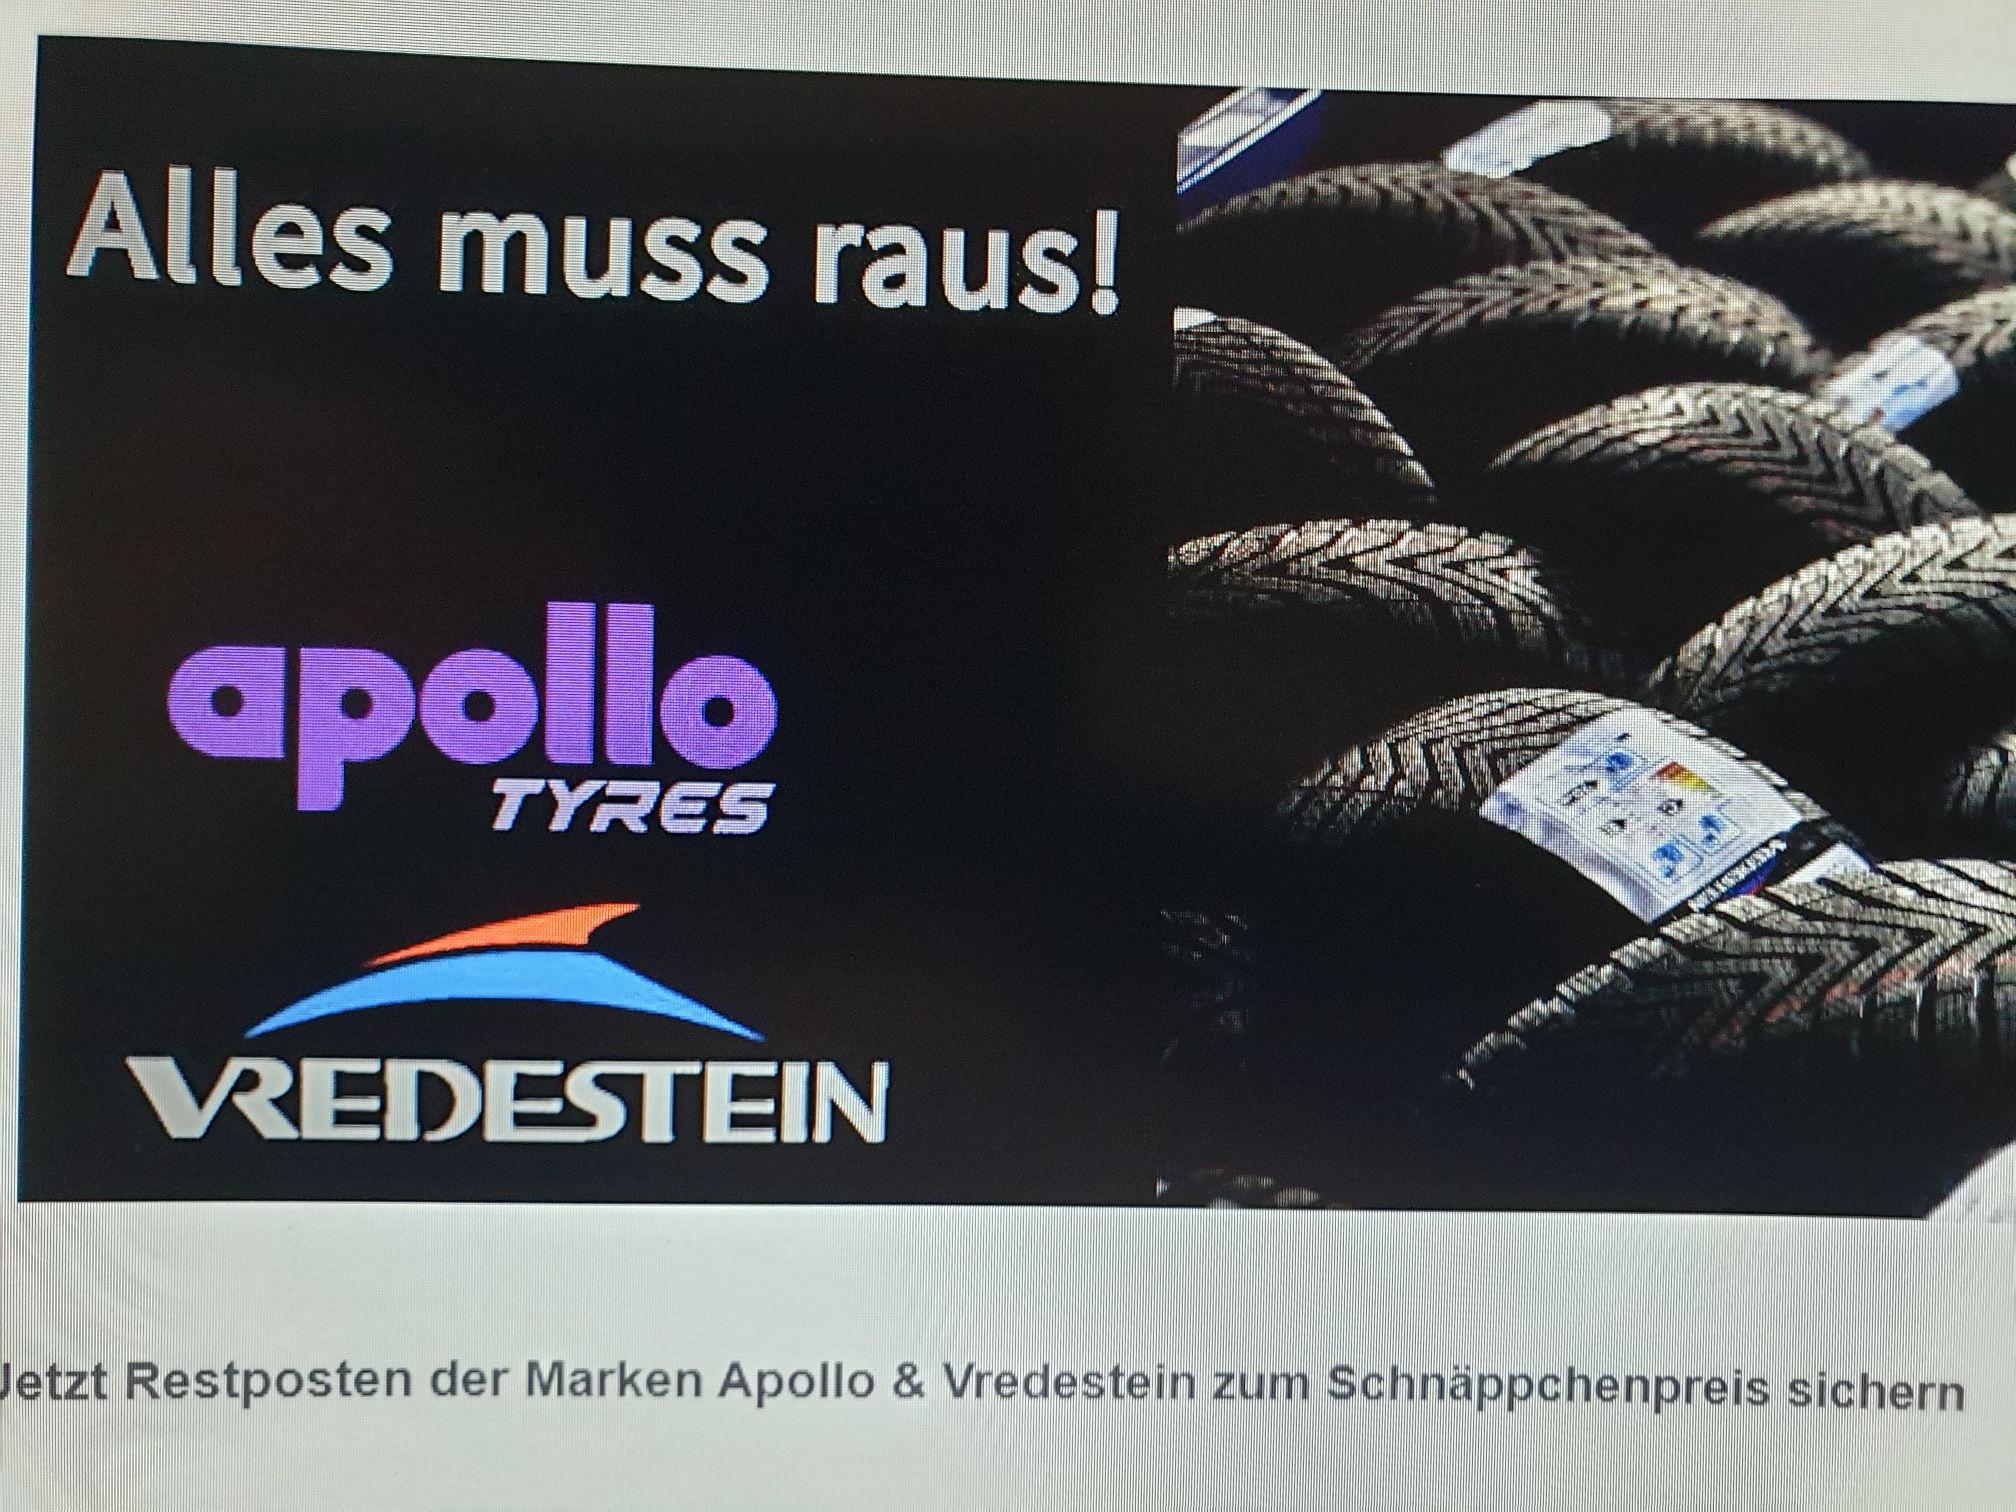 DOT 2016 / DOT 2017 Apollo & Vredestein Reifen bis zu 30% günstiger!